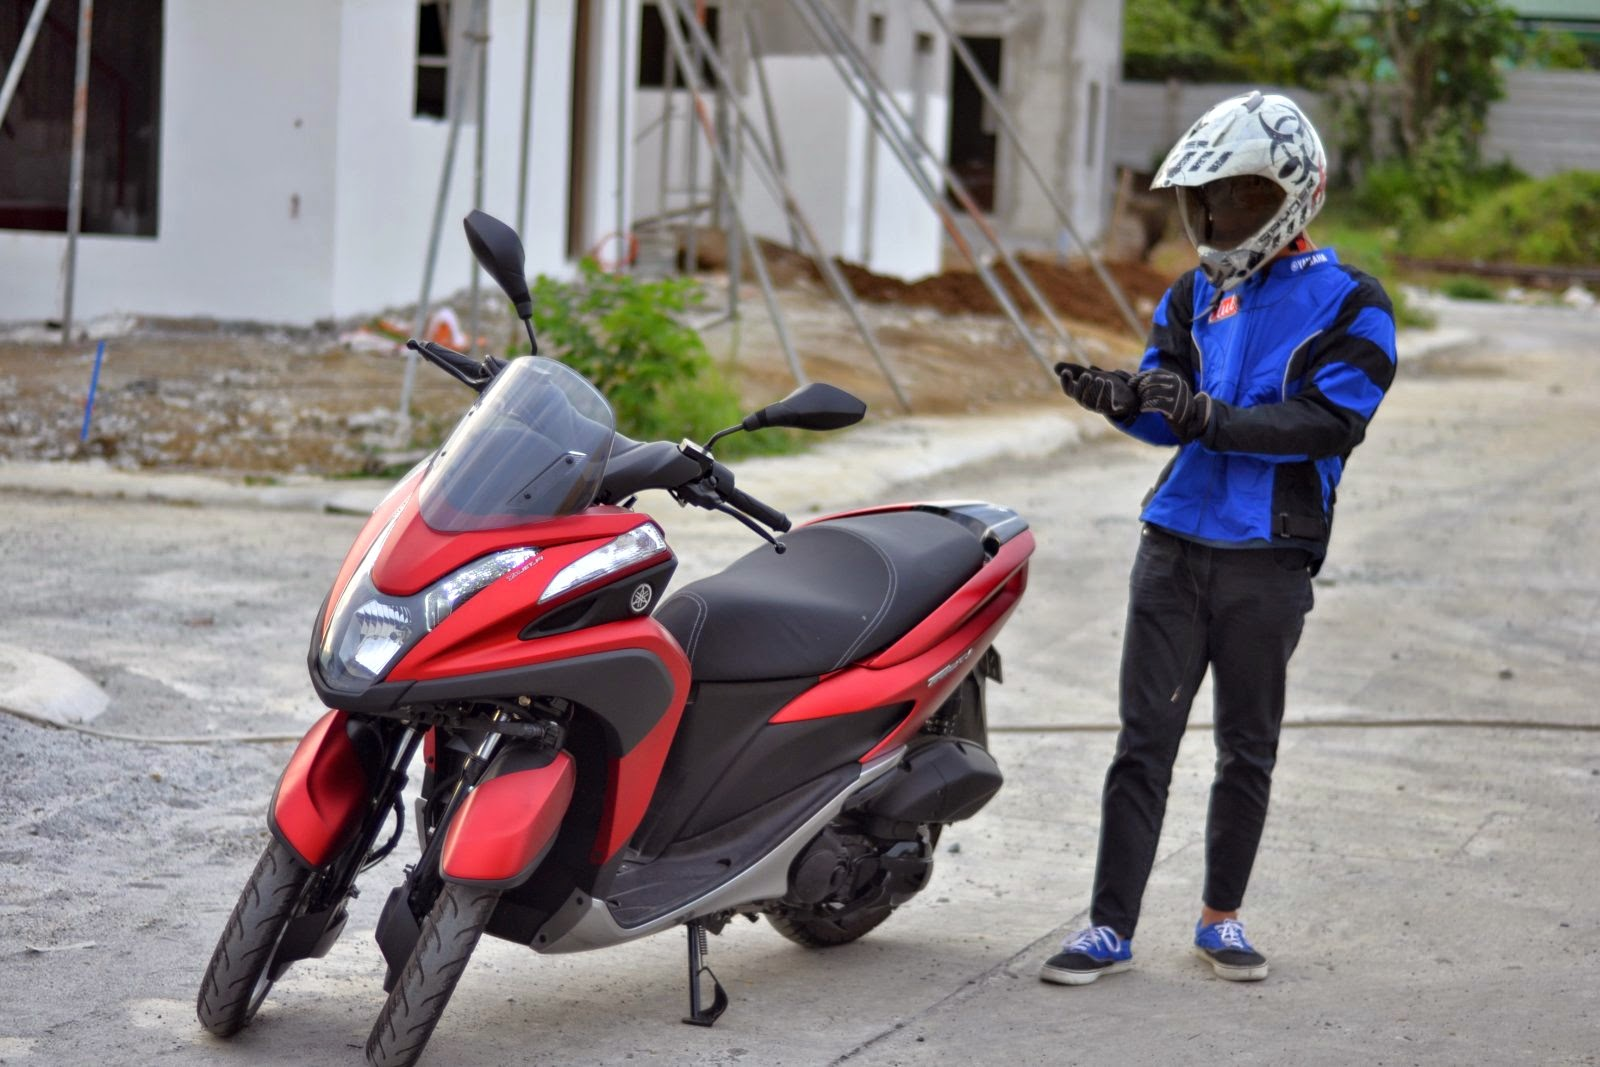 Three Wheeled Wonder Yamaha Tricity Motorcycle Philippines